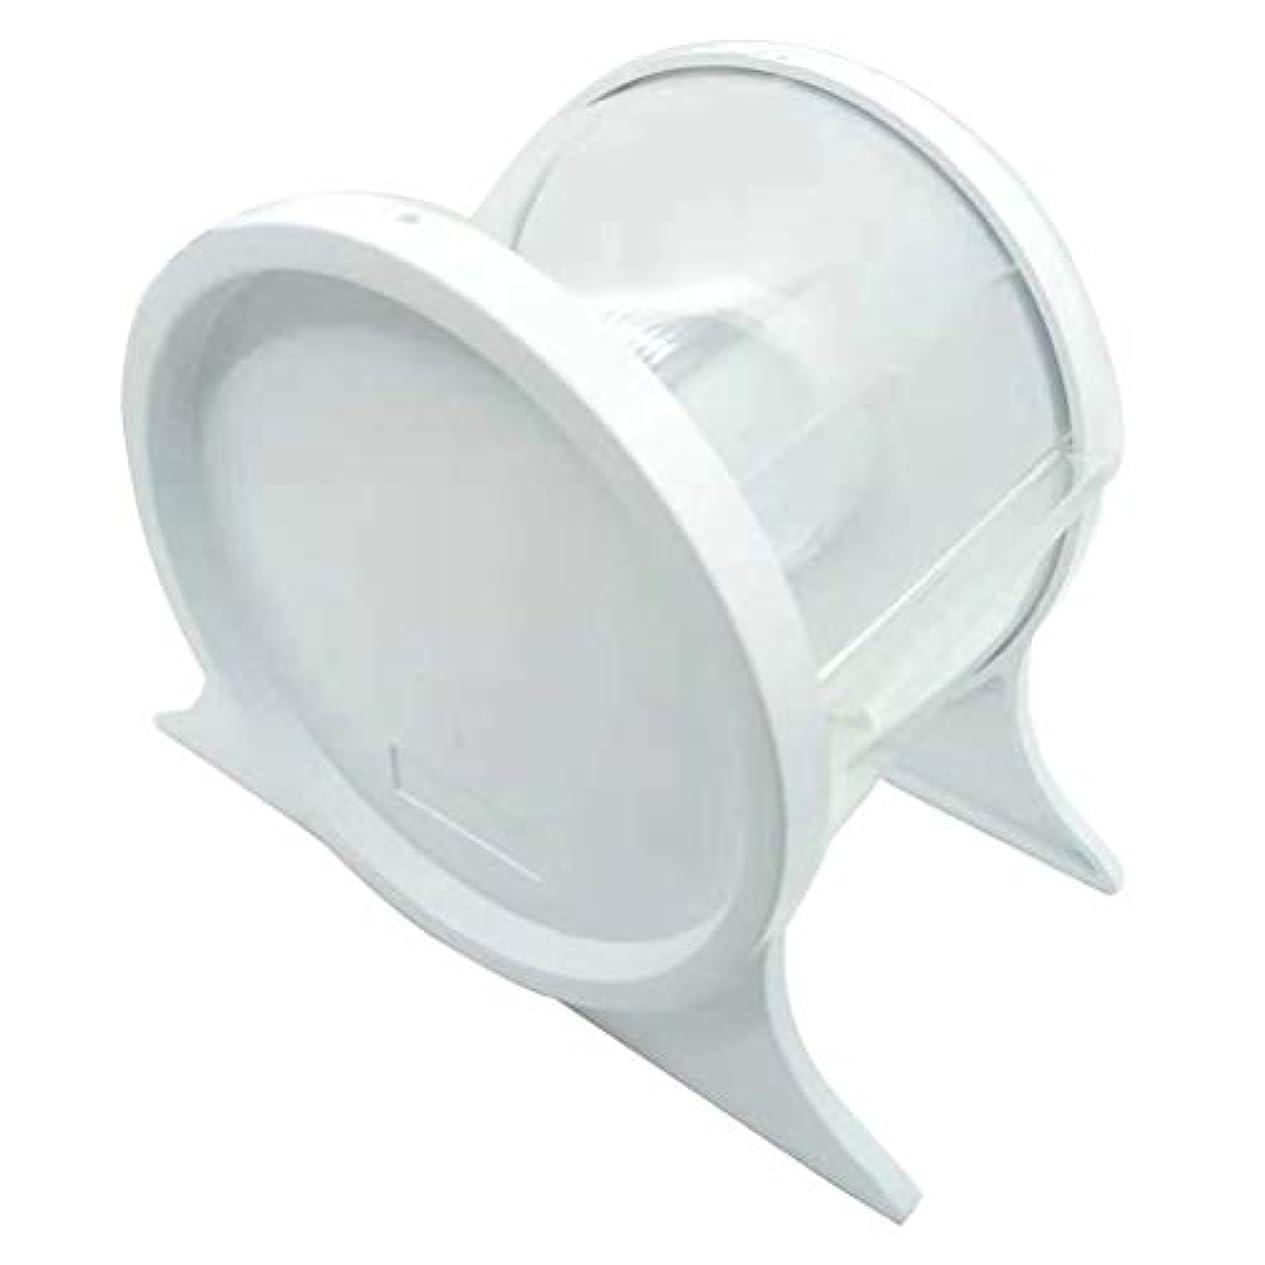 オリエント消防士ブルーベルHealifty 1ピース使い捨て歯科バリアフィルムディスペンサー保護スタンドホルダーシェルフ歯科ツール(ホワイト)